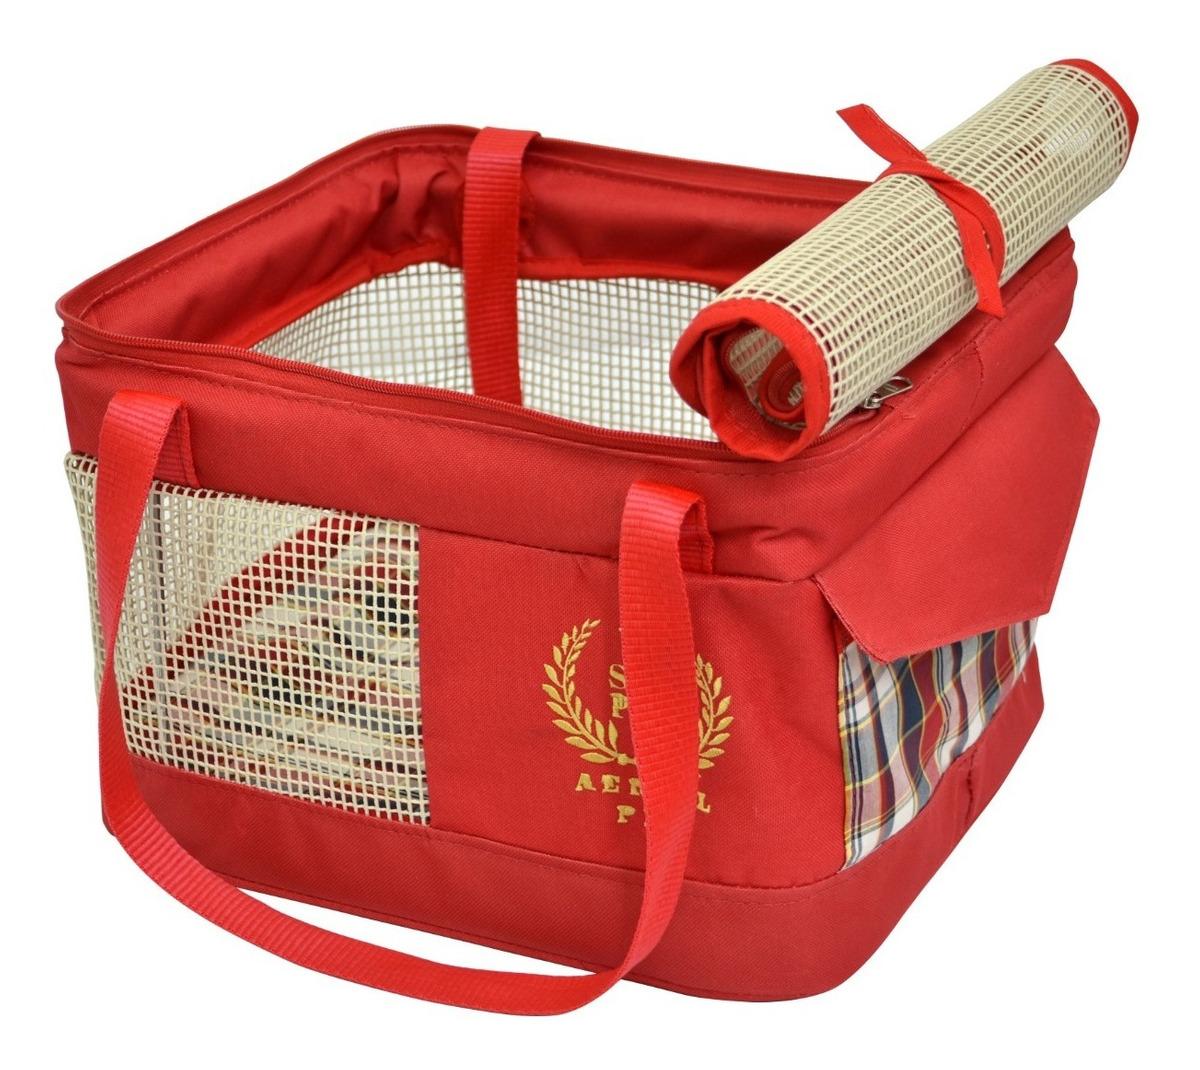 Bolsa de Transporte Aéreo Cães Gatos Avião Companhia Gol 43x32x24cm Vermelho